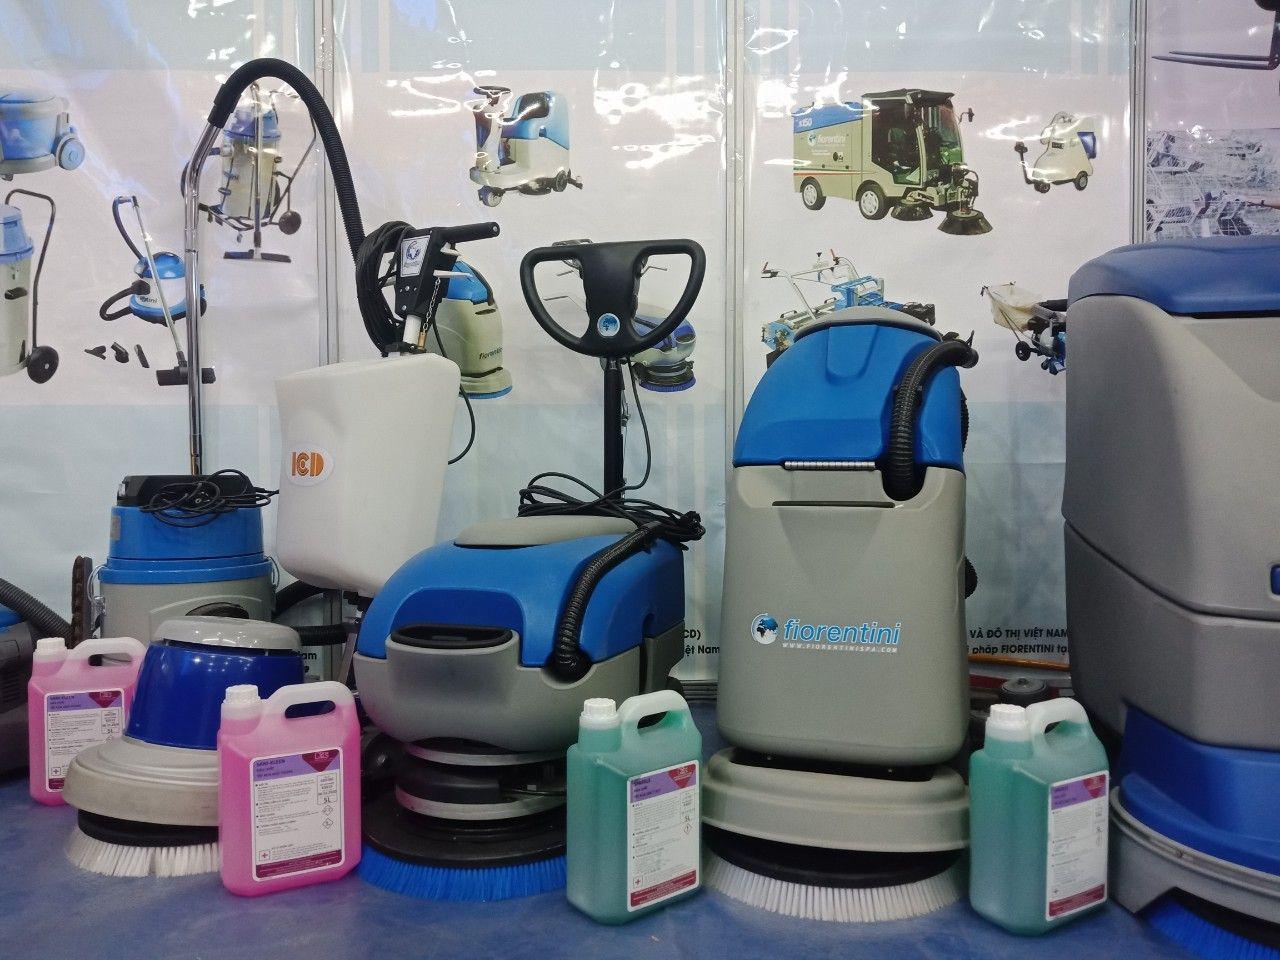 Một vài hình ảnh gian hàng Máy vệ sinh công nghiệp Fiorentini tại Triển lãm VIMEXPO 2020